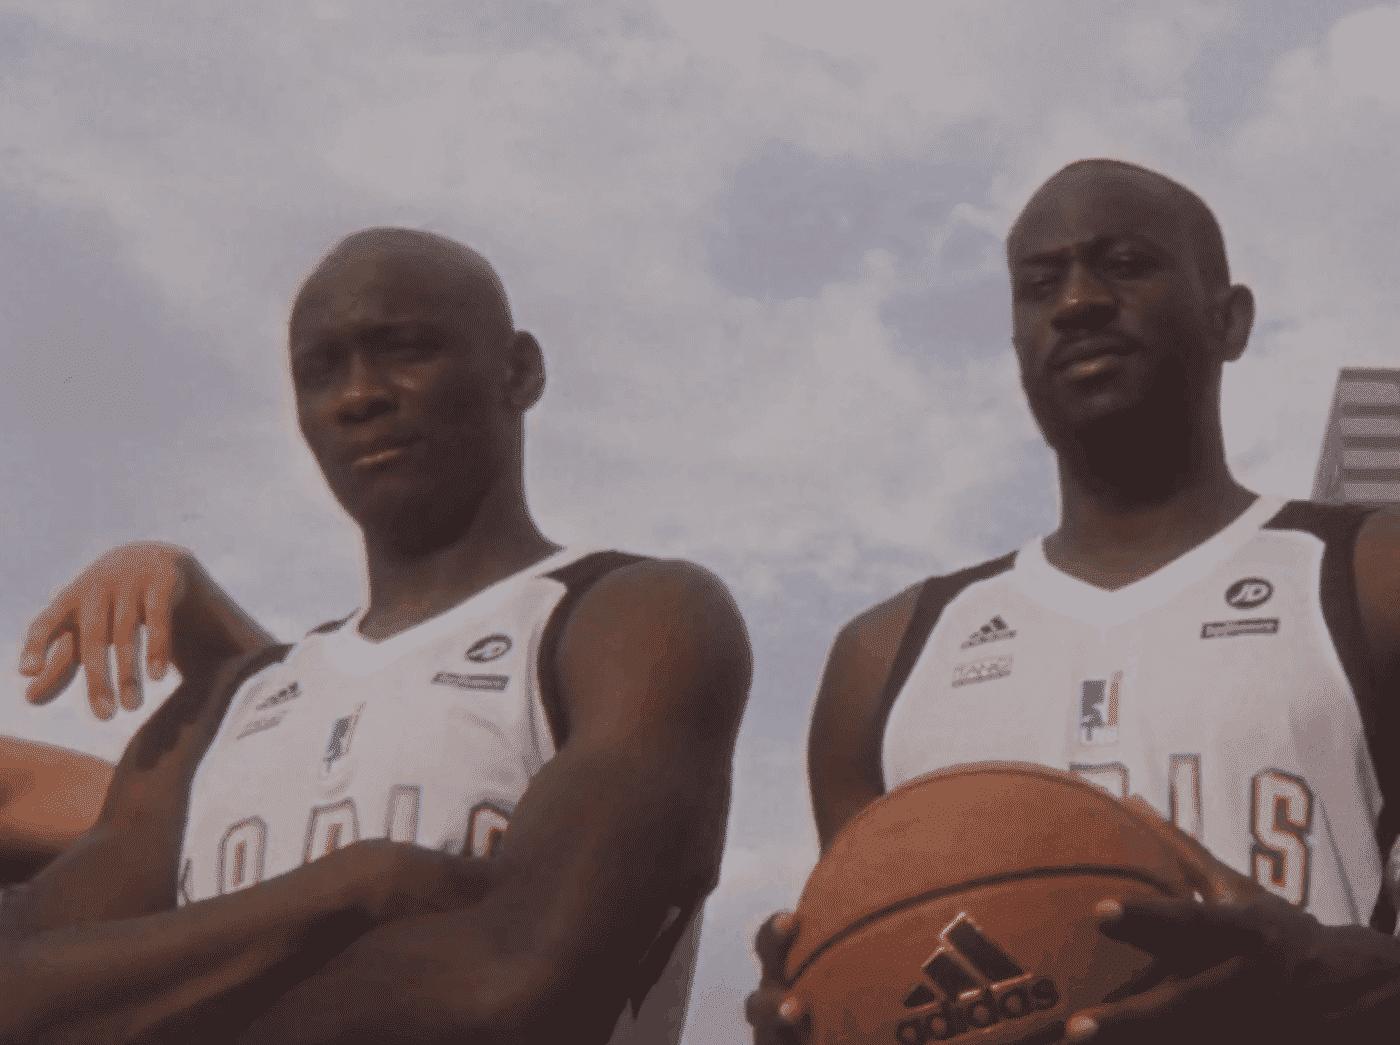 Paris Basketball et Adidas s'associent pour dévoiler le projet parisien